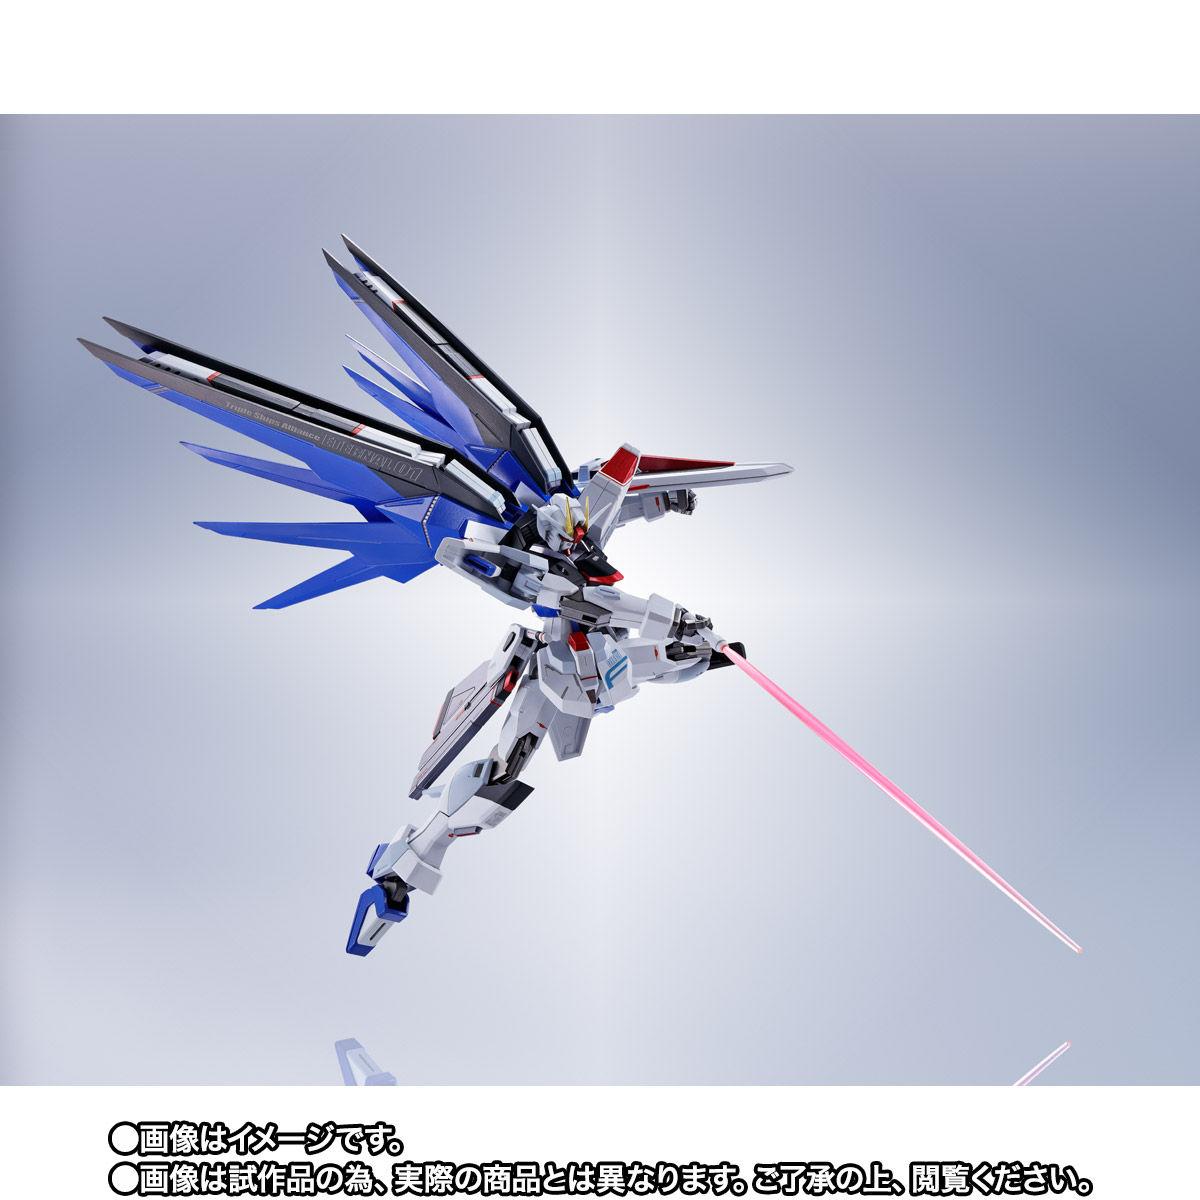 【限定販売】【再販】METAL ROBOT魂〈SIDE MS〉『フリーダムガンダム』ガンダムSEED 可動フィギュア-006